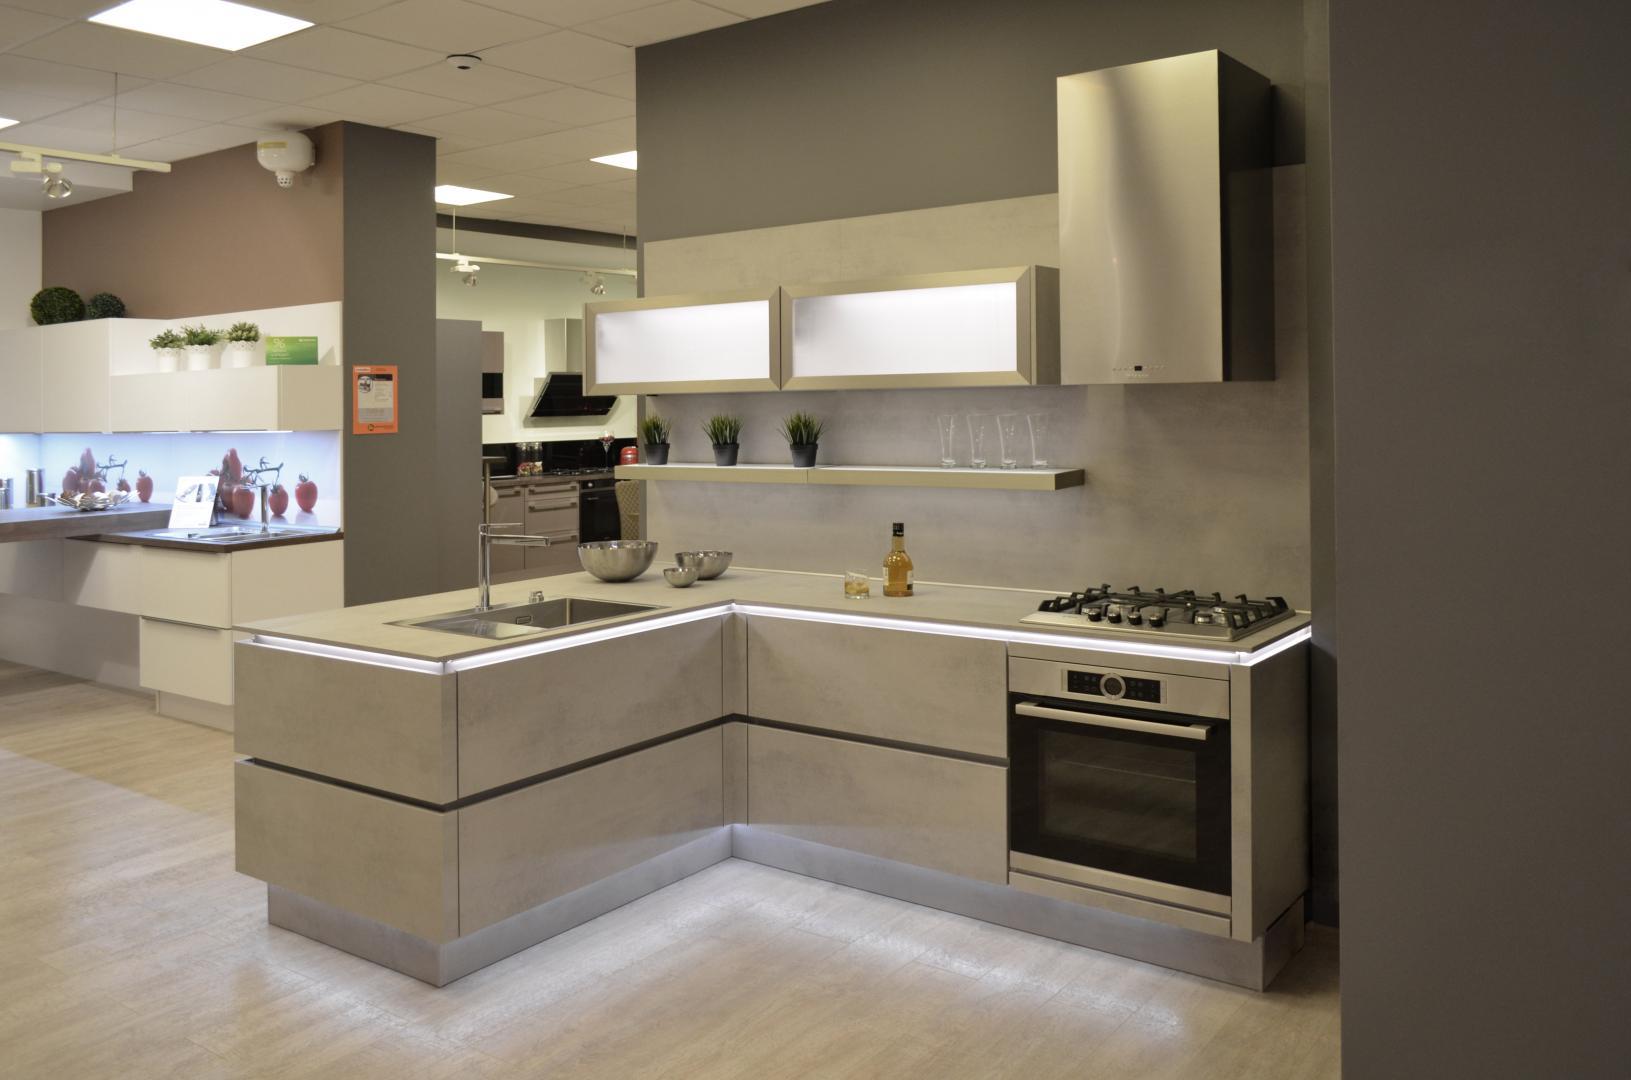 Дом кухни Европейский Саратов